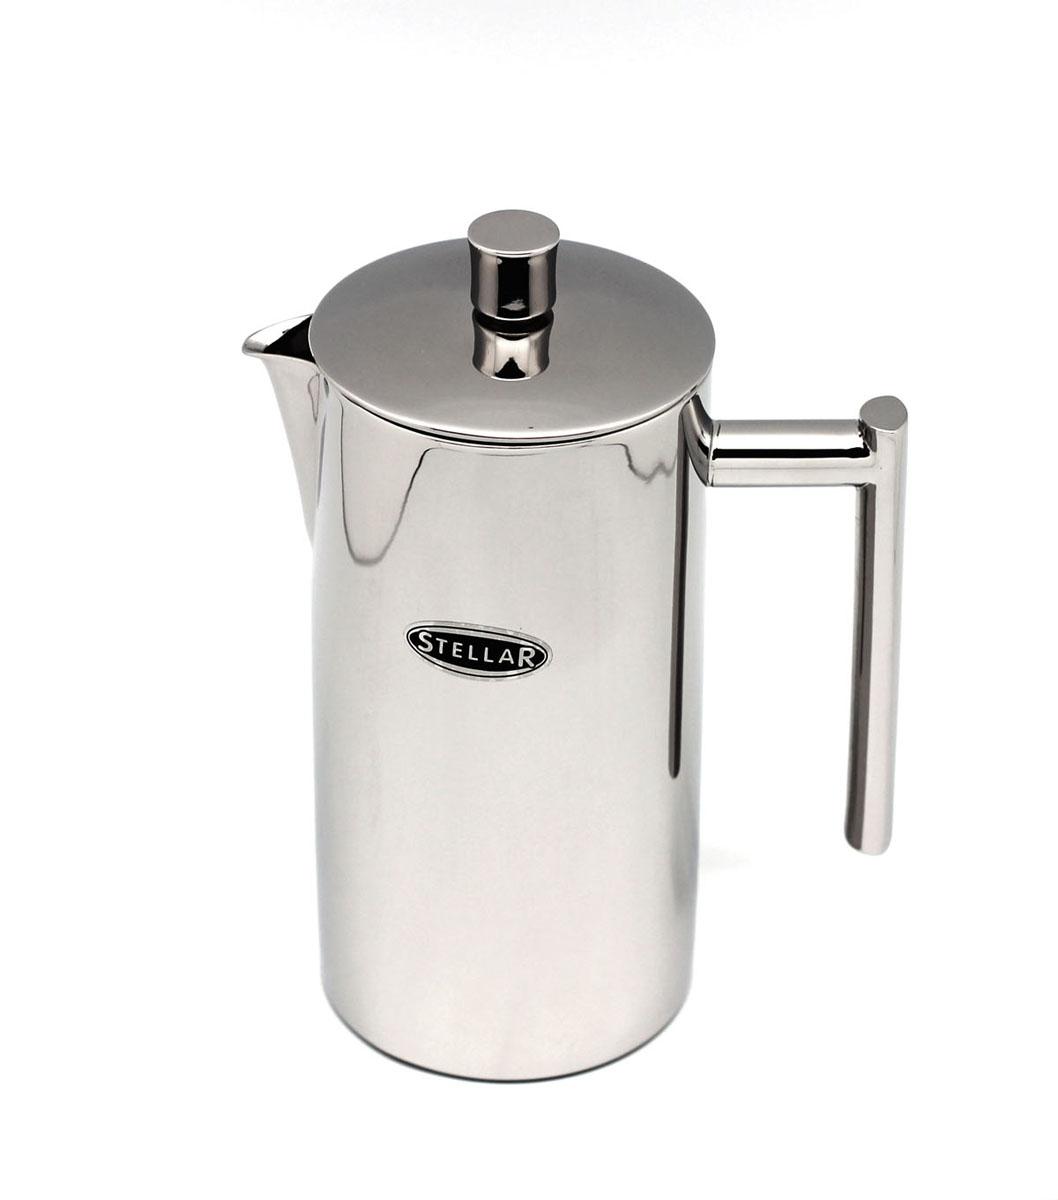 Френч-пресс Silampos Stellar, 0,8 л41281318SM71Френч-пресс Silampos Stellar используется для заваривания крупнолистового чая, кофе среднего помола, травяных сборов. Изделие, изготовленное из высококачественной стали. Френч-пресс Silampos Stellar незаменим для любителей чая и кофе. Объем: 0,8 мл. Размеры: 13 х 12 х 22,5 см.